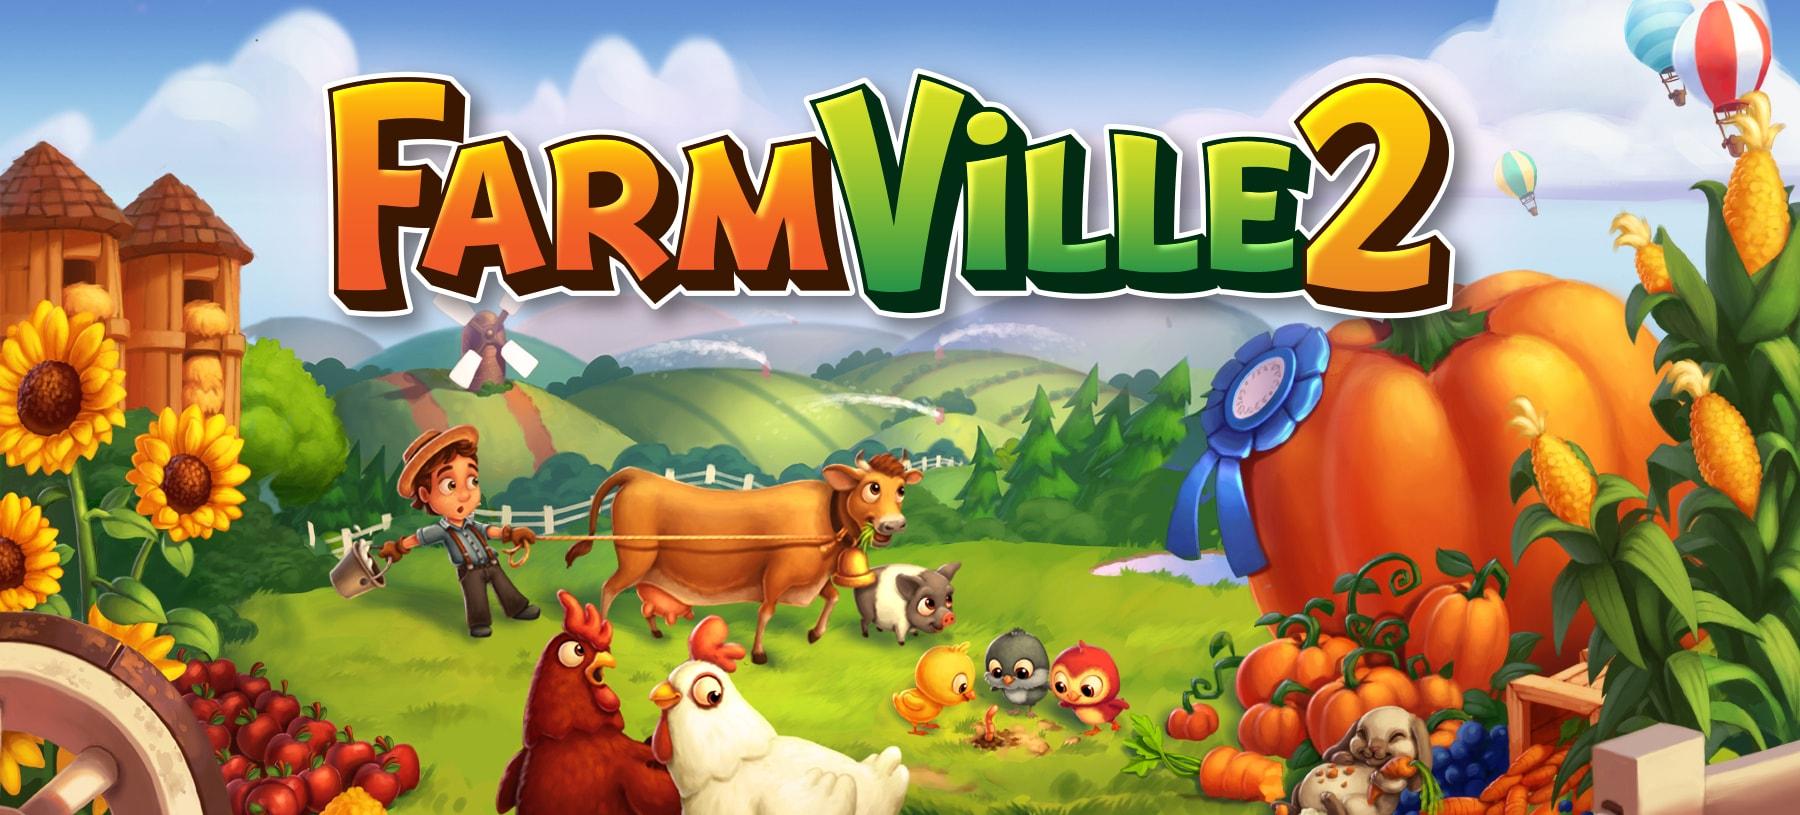 FarmVille, facebook